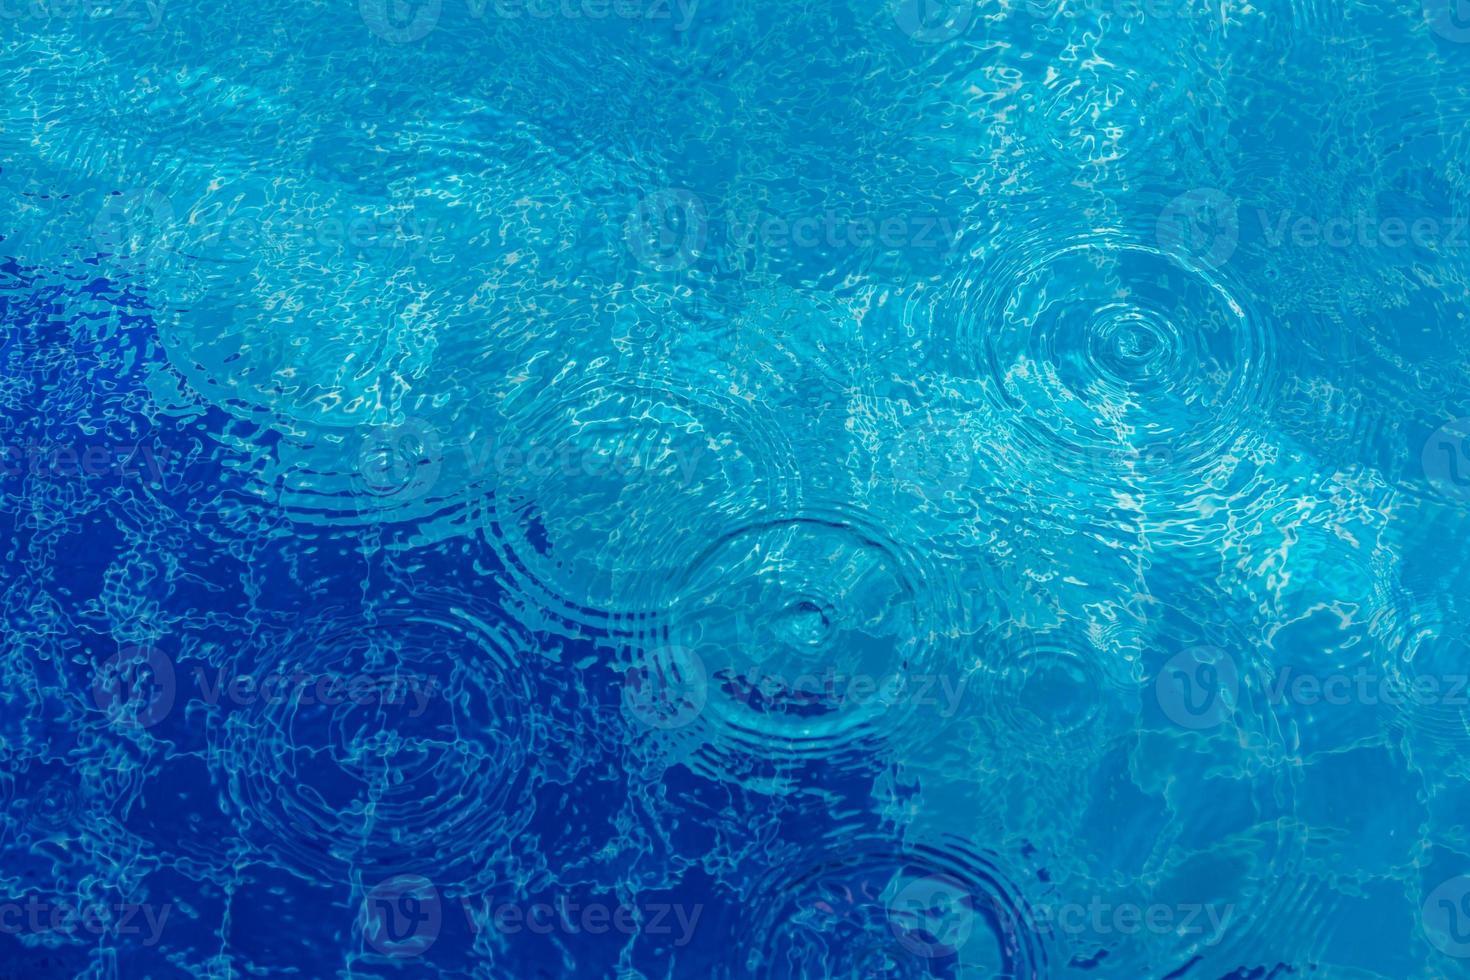 Wassertropfen Welligkeit Hintergrund foto